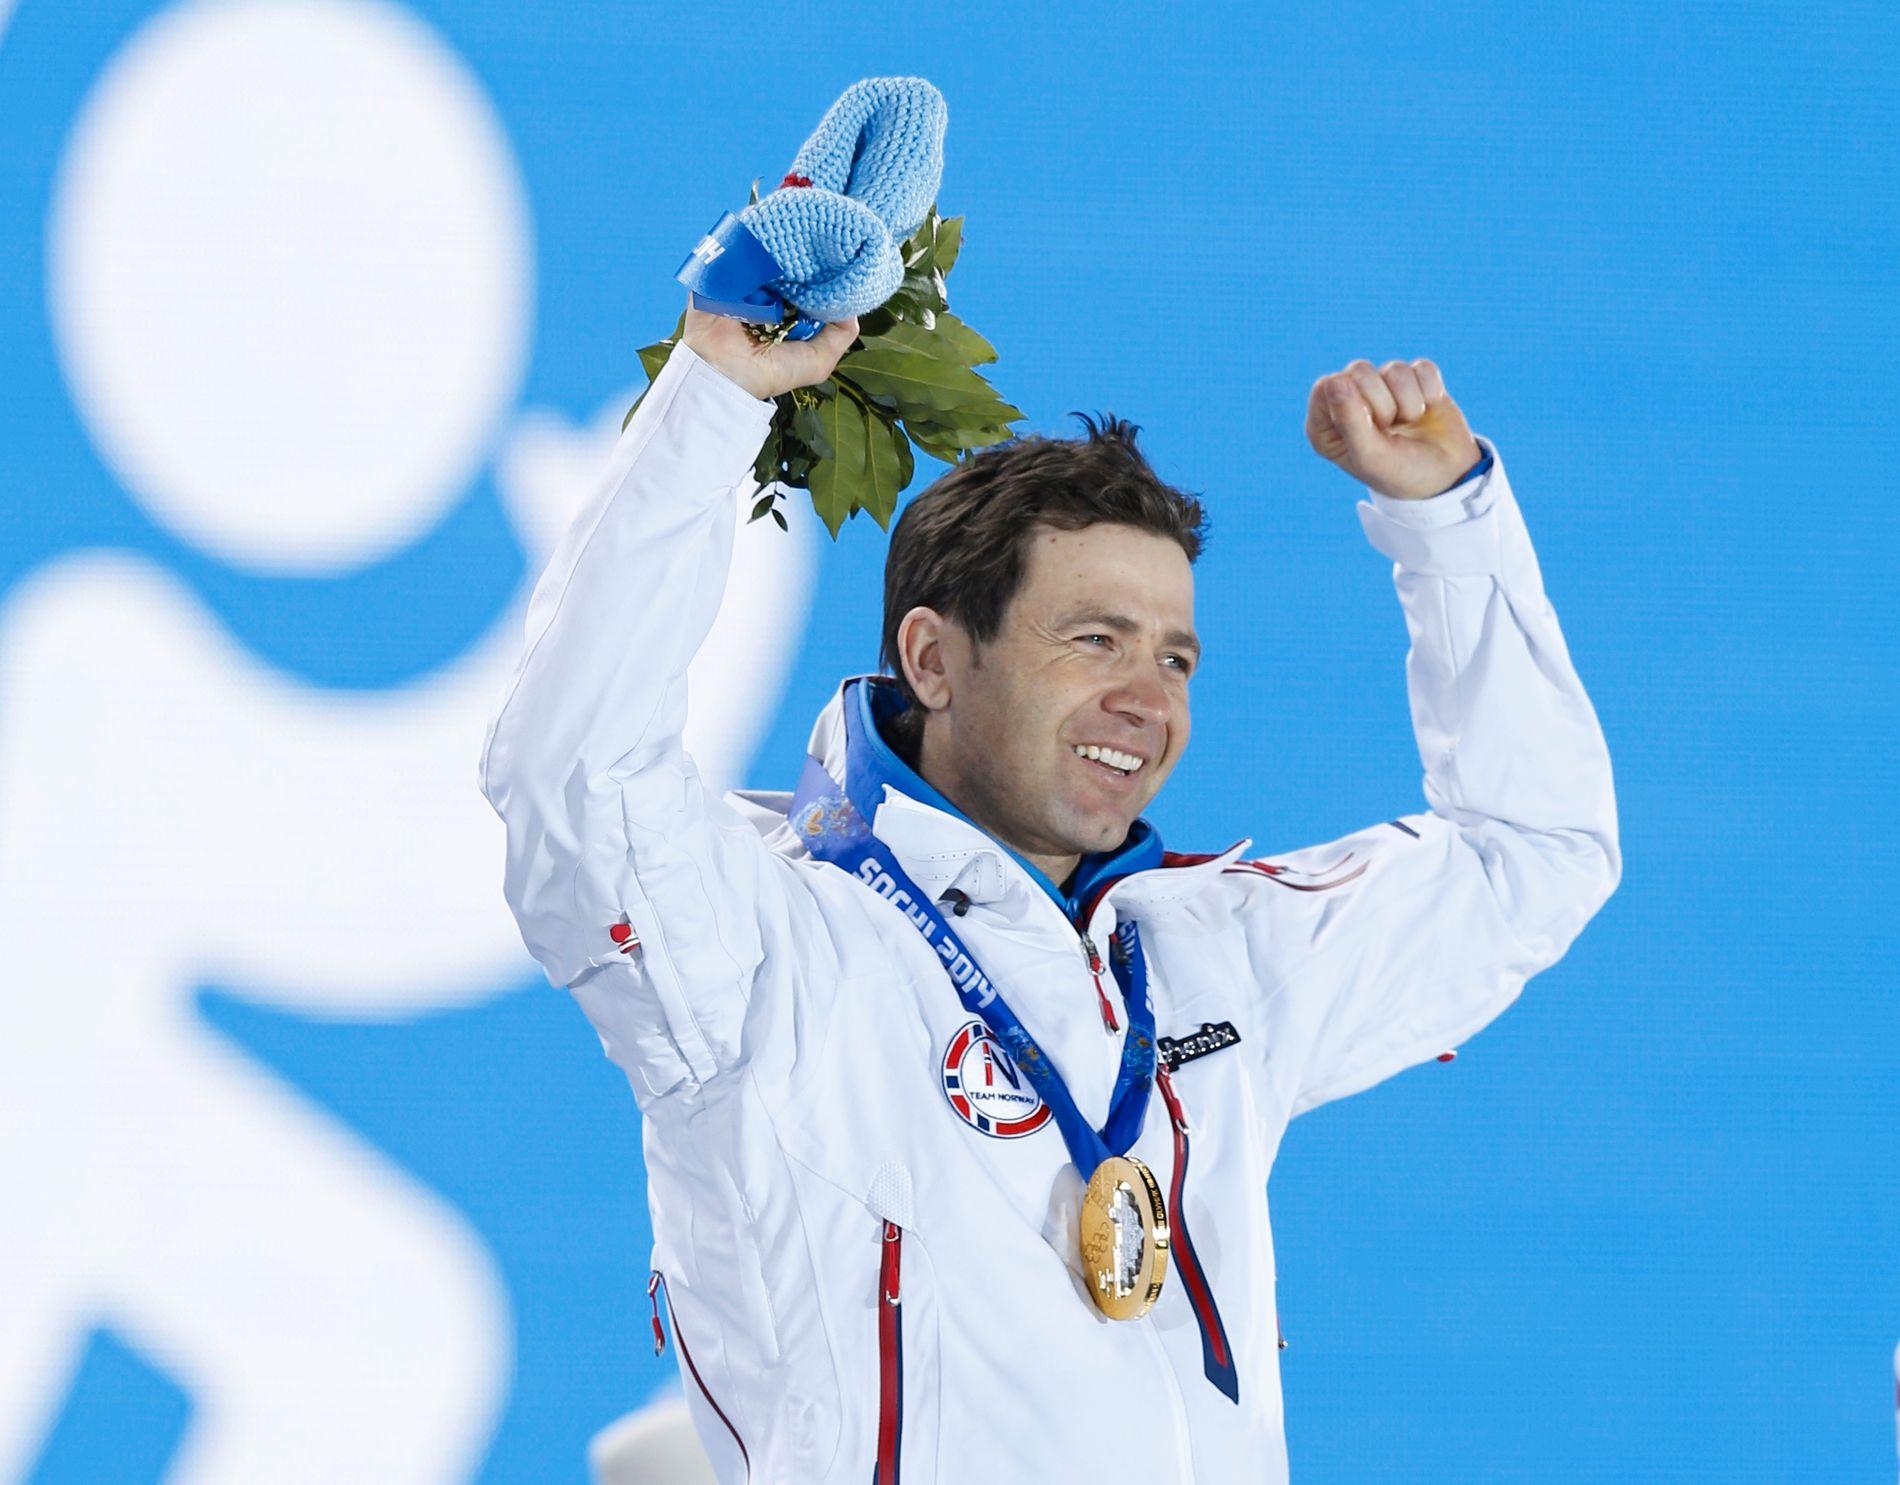 I 2014 tok Ole Einar Bjørndalen sesongens første seier da det gjaldt som mest: På Sprinten i Sotsji-OL. Her jubler han med medaljen rundt halsen.